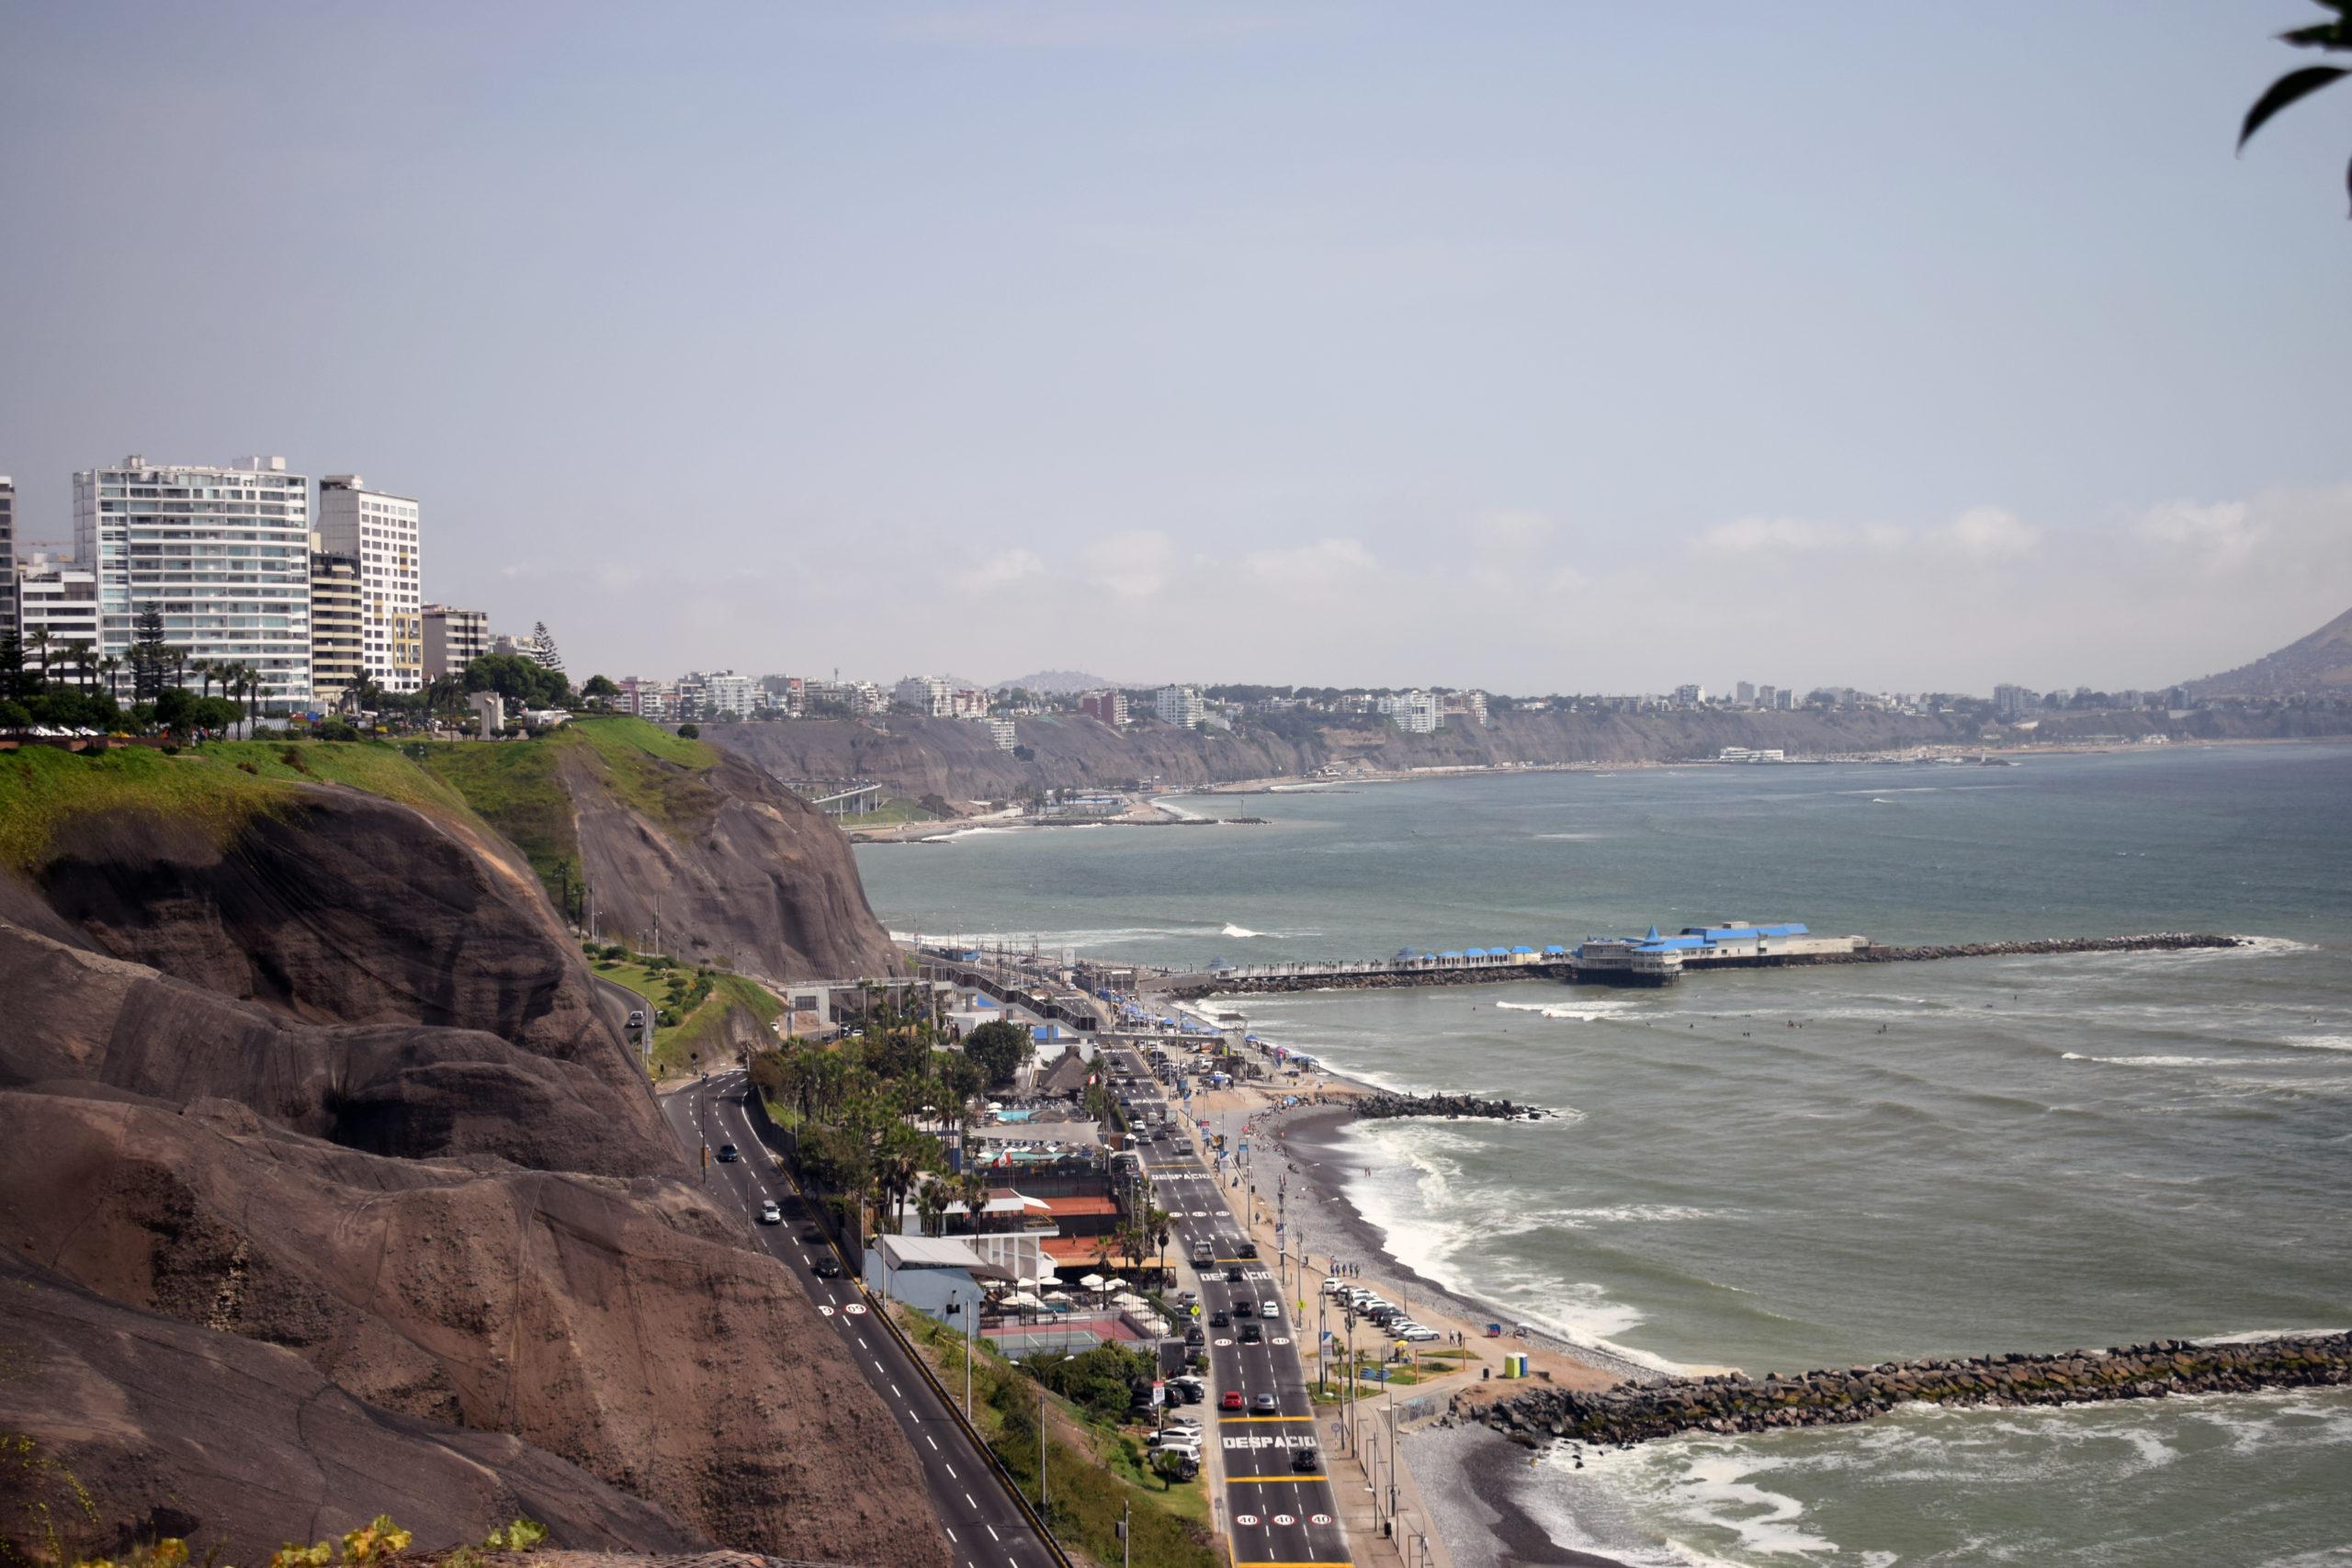 Parque del Amor, Miraflores